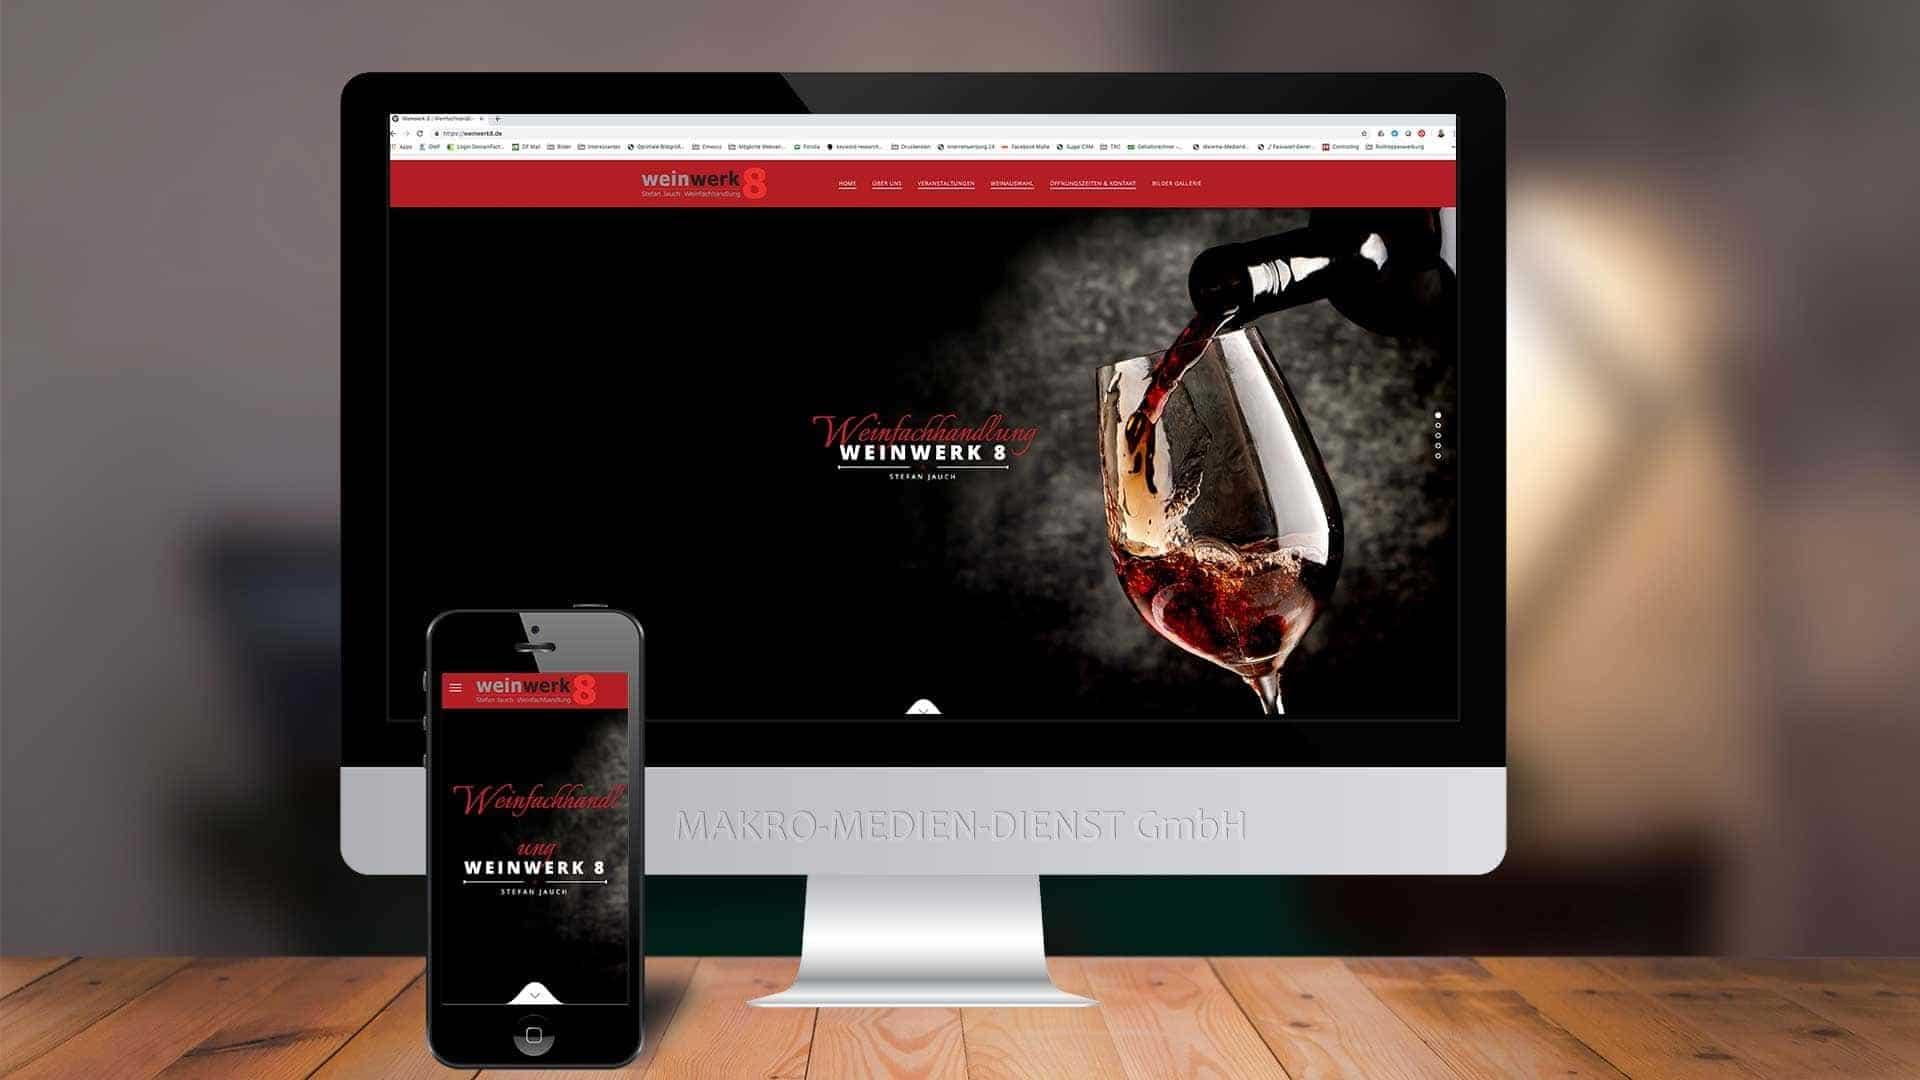 Weinwerk 8 Fotografie